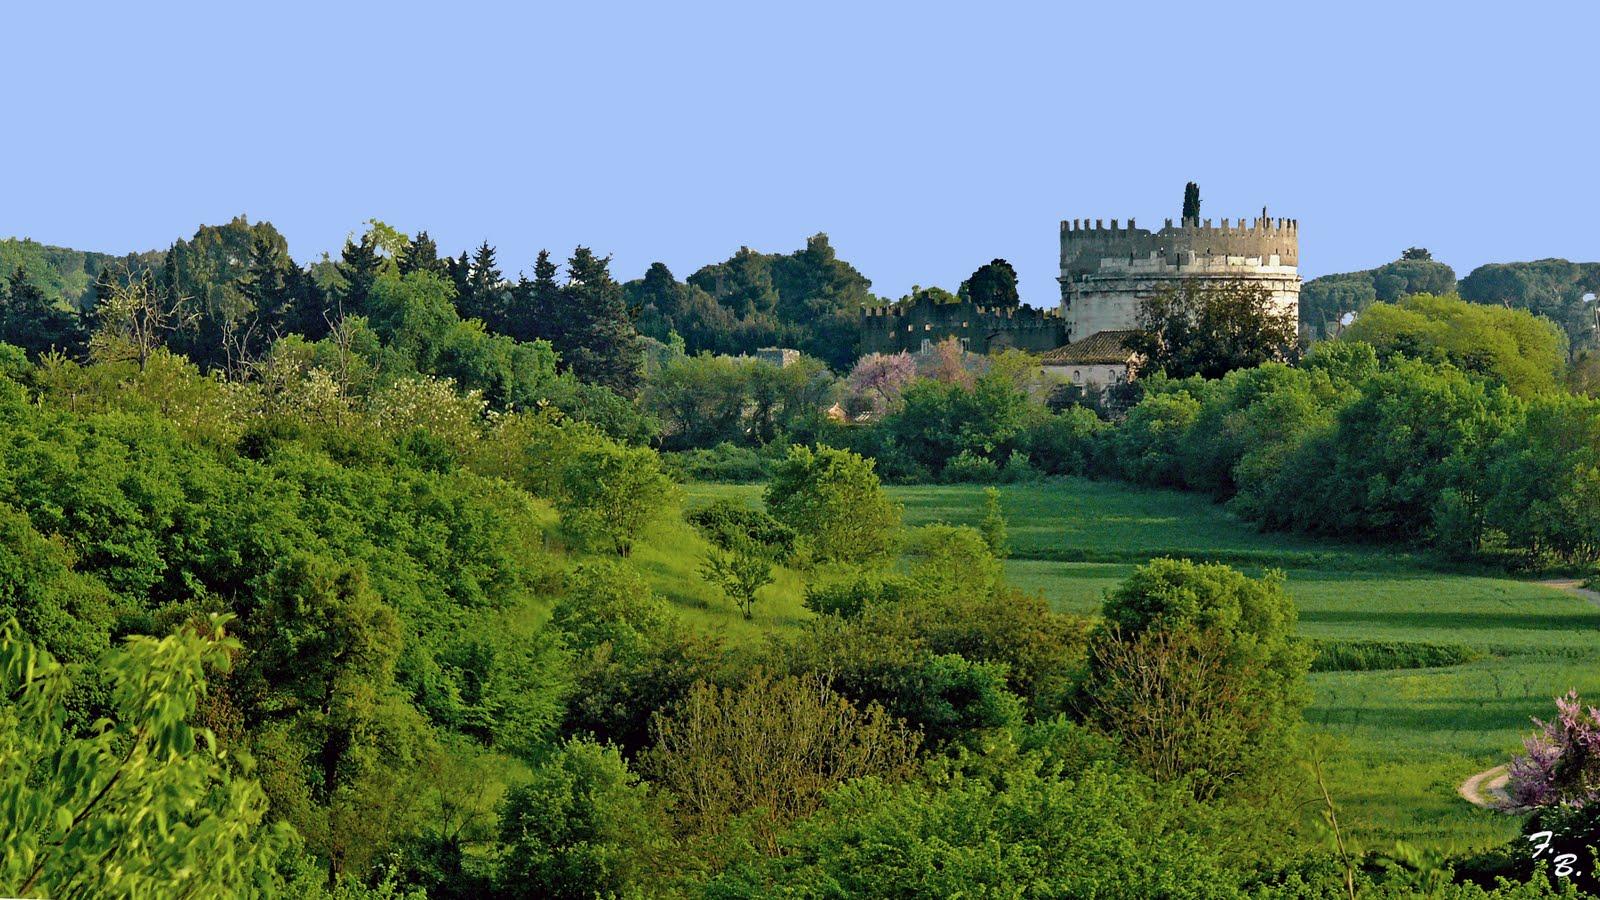 parco della caffarella - Roma Parco della Caffarella - Parco della Caffarella